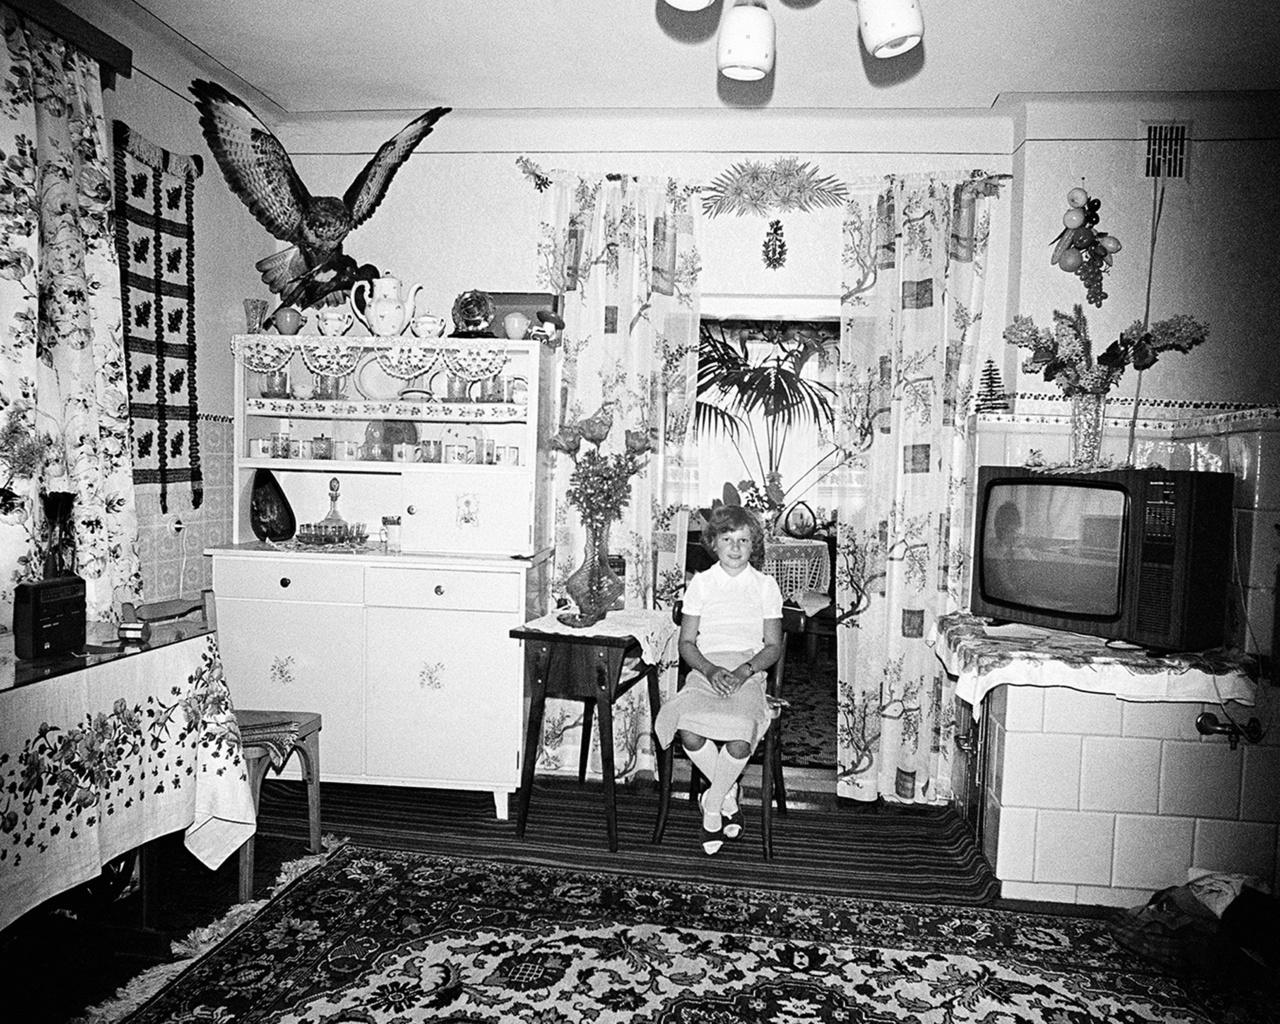 Rydet úgy döntött, a tárgyakkal és képekkel elsajátított teret fogja dokumentálni az otthonokban is. Az építészet és a személyes tárgyak, valamint a lakók közötti kapcsolatok érdekelték mindenekelőtt, az, ahogy a személyes ízlés, a politikai szlogenek és a hit megjelenik a házakban.